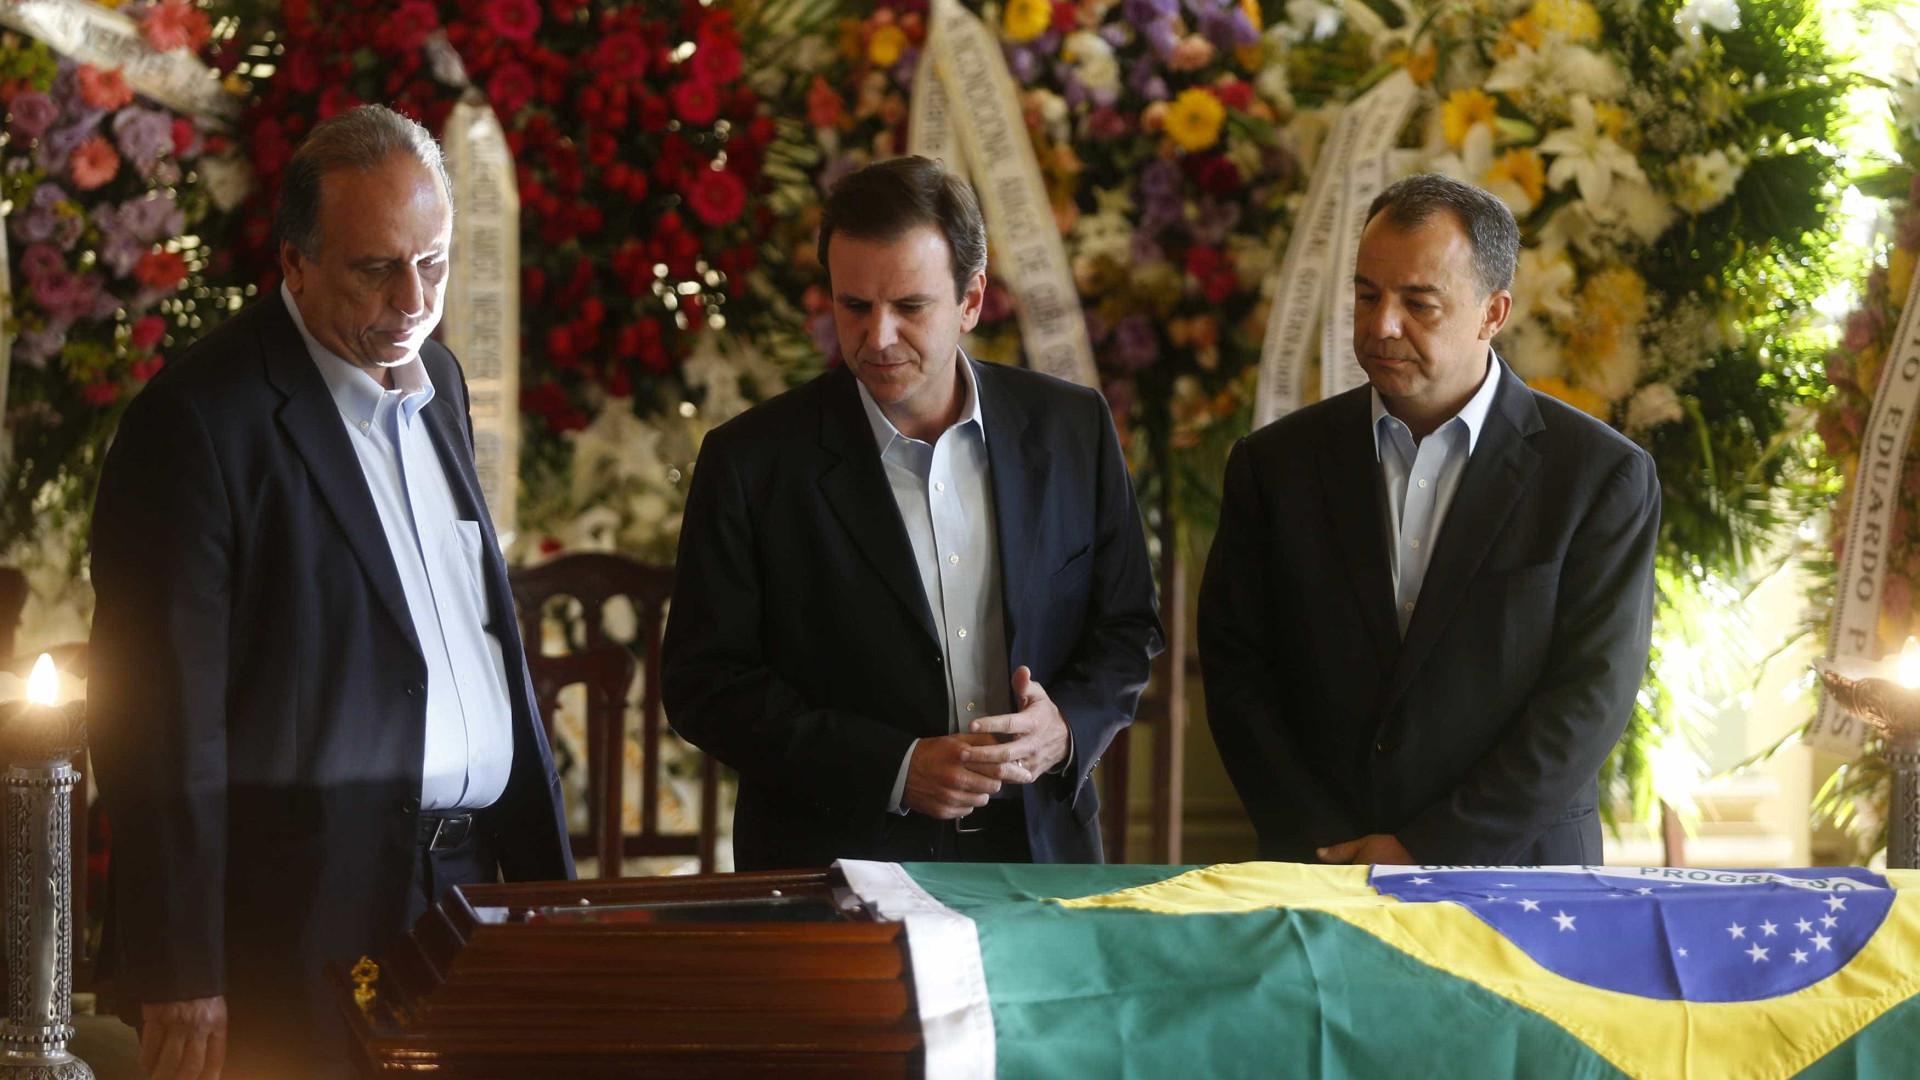 Paes, Pezão e Cabral negociavam pessoalmente caixa 2, diz delator